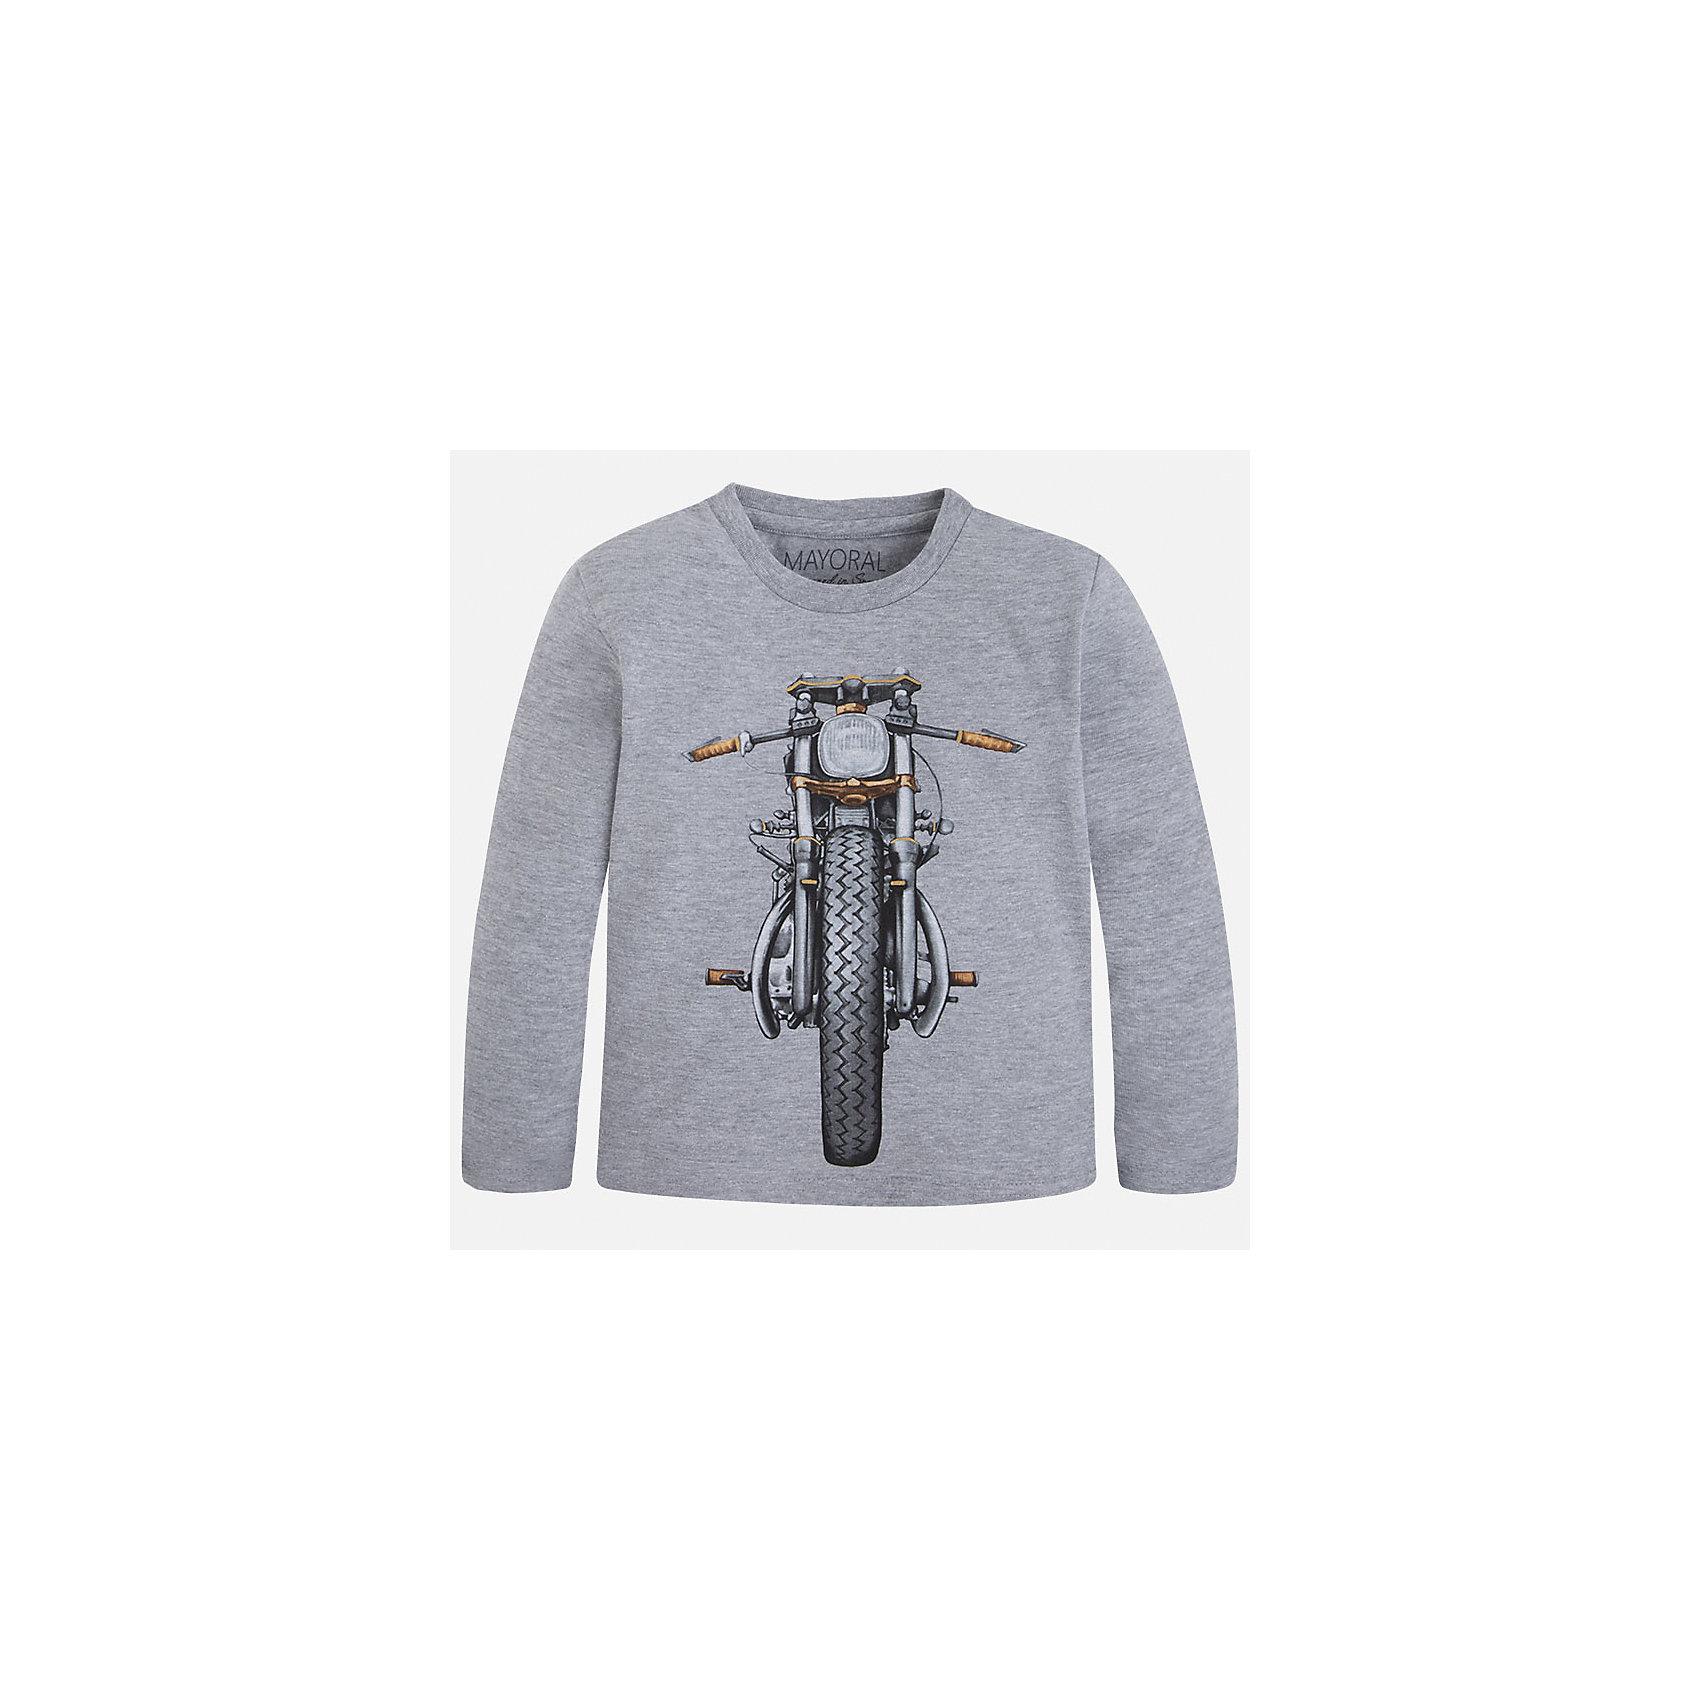 Футболка с длинным рукавом для мальчика MayoralХлопковая футболка с длинными рукавами - это  базовая вещь в любом гардеробе. Благодаря длинным рукавам и легкому составу, ее можно носить в любое время года, а яркий орнамент, подчеркнет индивидуальный стиль Вашего ребенка!<br><br>Дополнительная информация:<br><br>- Крой: прямой крой.<br>- Страна бренда: Испания.<br>- Состав: хлопок 100%.<br>- Цвет: серый.<br>- Уход: бережная стирка при 30 градусах.<br><br>Купить футболку с длинным рукавом для мальчика, от  Mayoral, можно в нашем магазине.<br><br>Ширина мм: 230<br>Глубина мм: 40<br>Высота мм: 220<br>Вес г: 250<br>Цвет: серый<br>Возраст от месяцев: 36<br>Возраст до месяцев: 48<br>Пол: Мужской<br>Возраст: Детский<br>Размер: 104,122,128,134,116,110,98<br>SKU: 4821872